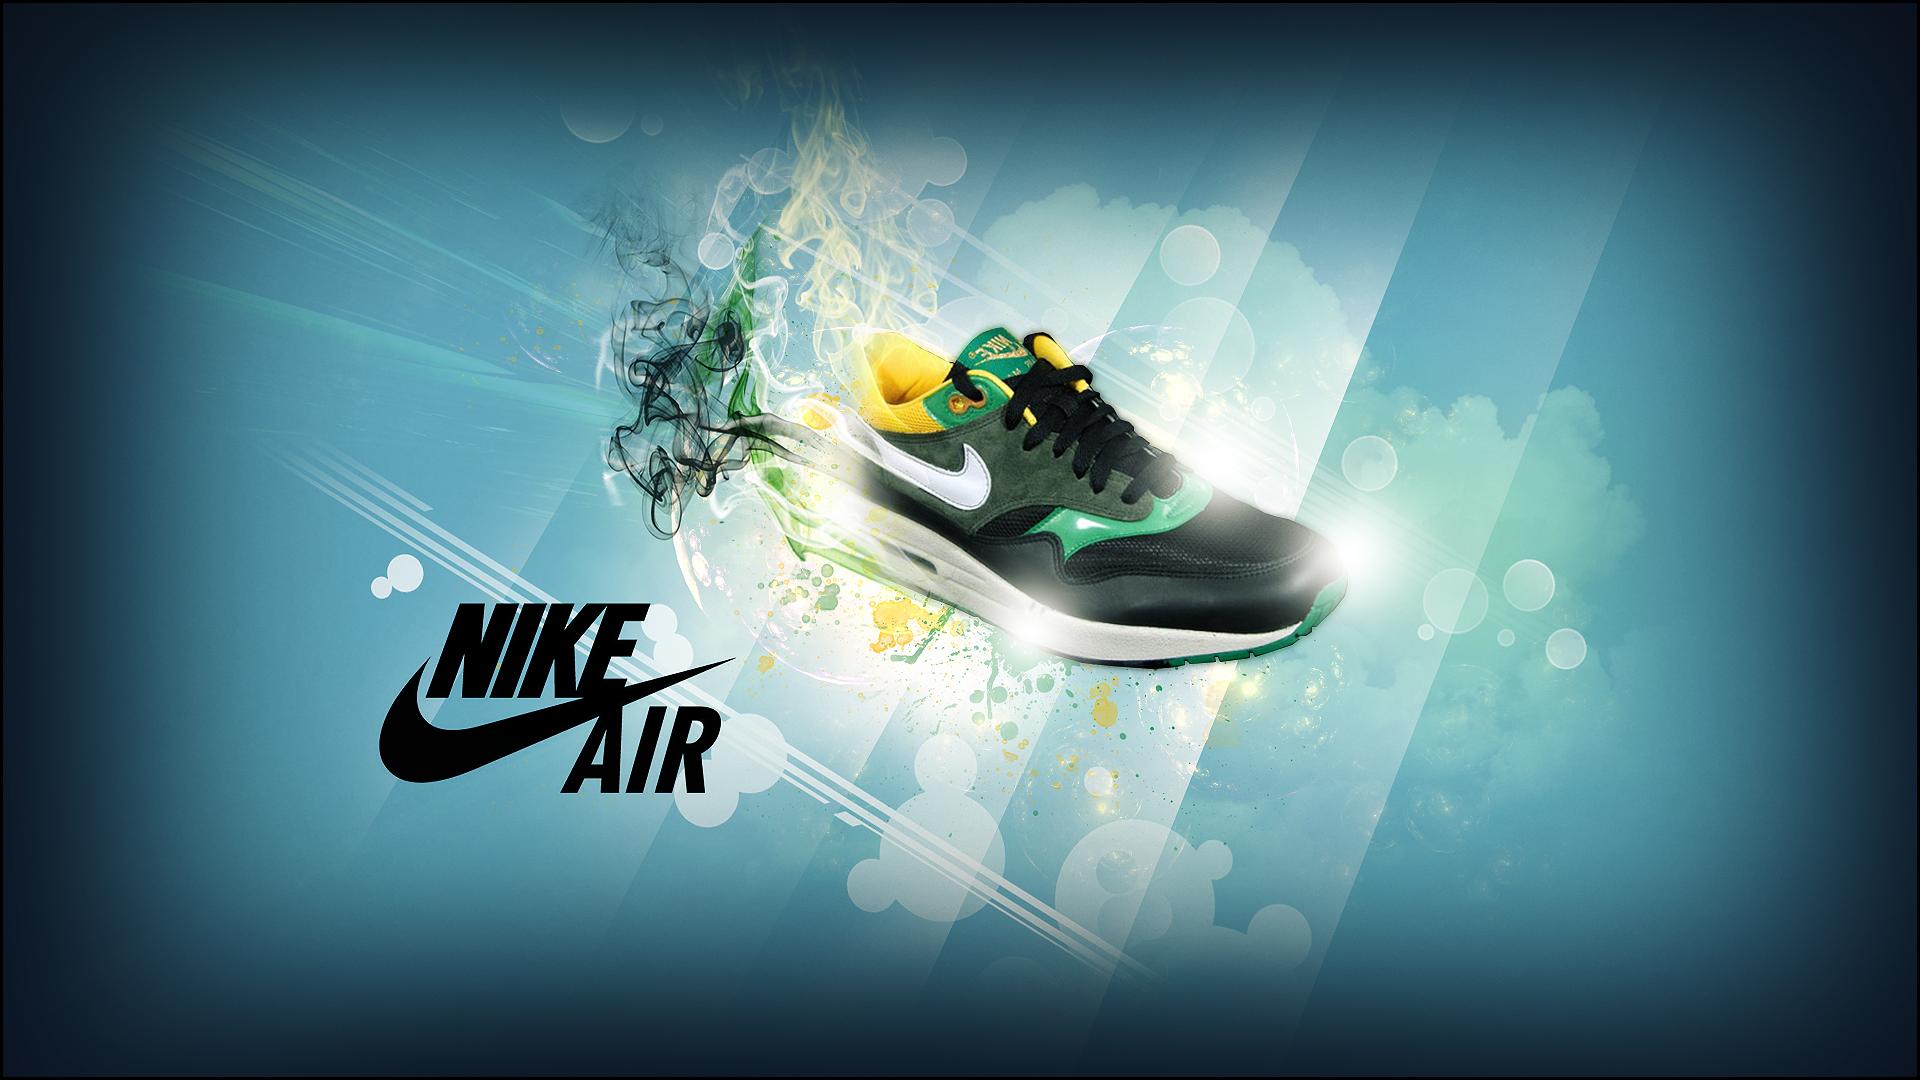 Кросовок Nike  № 2550581 загрузить